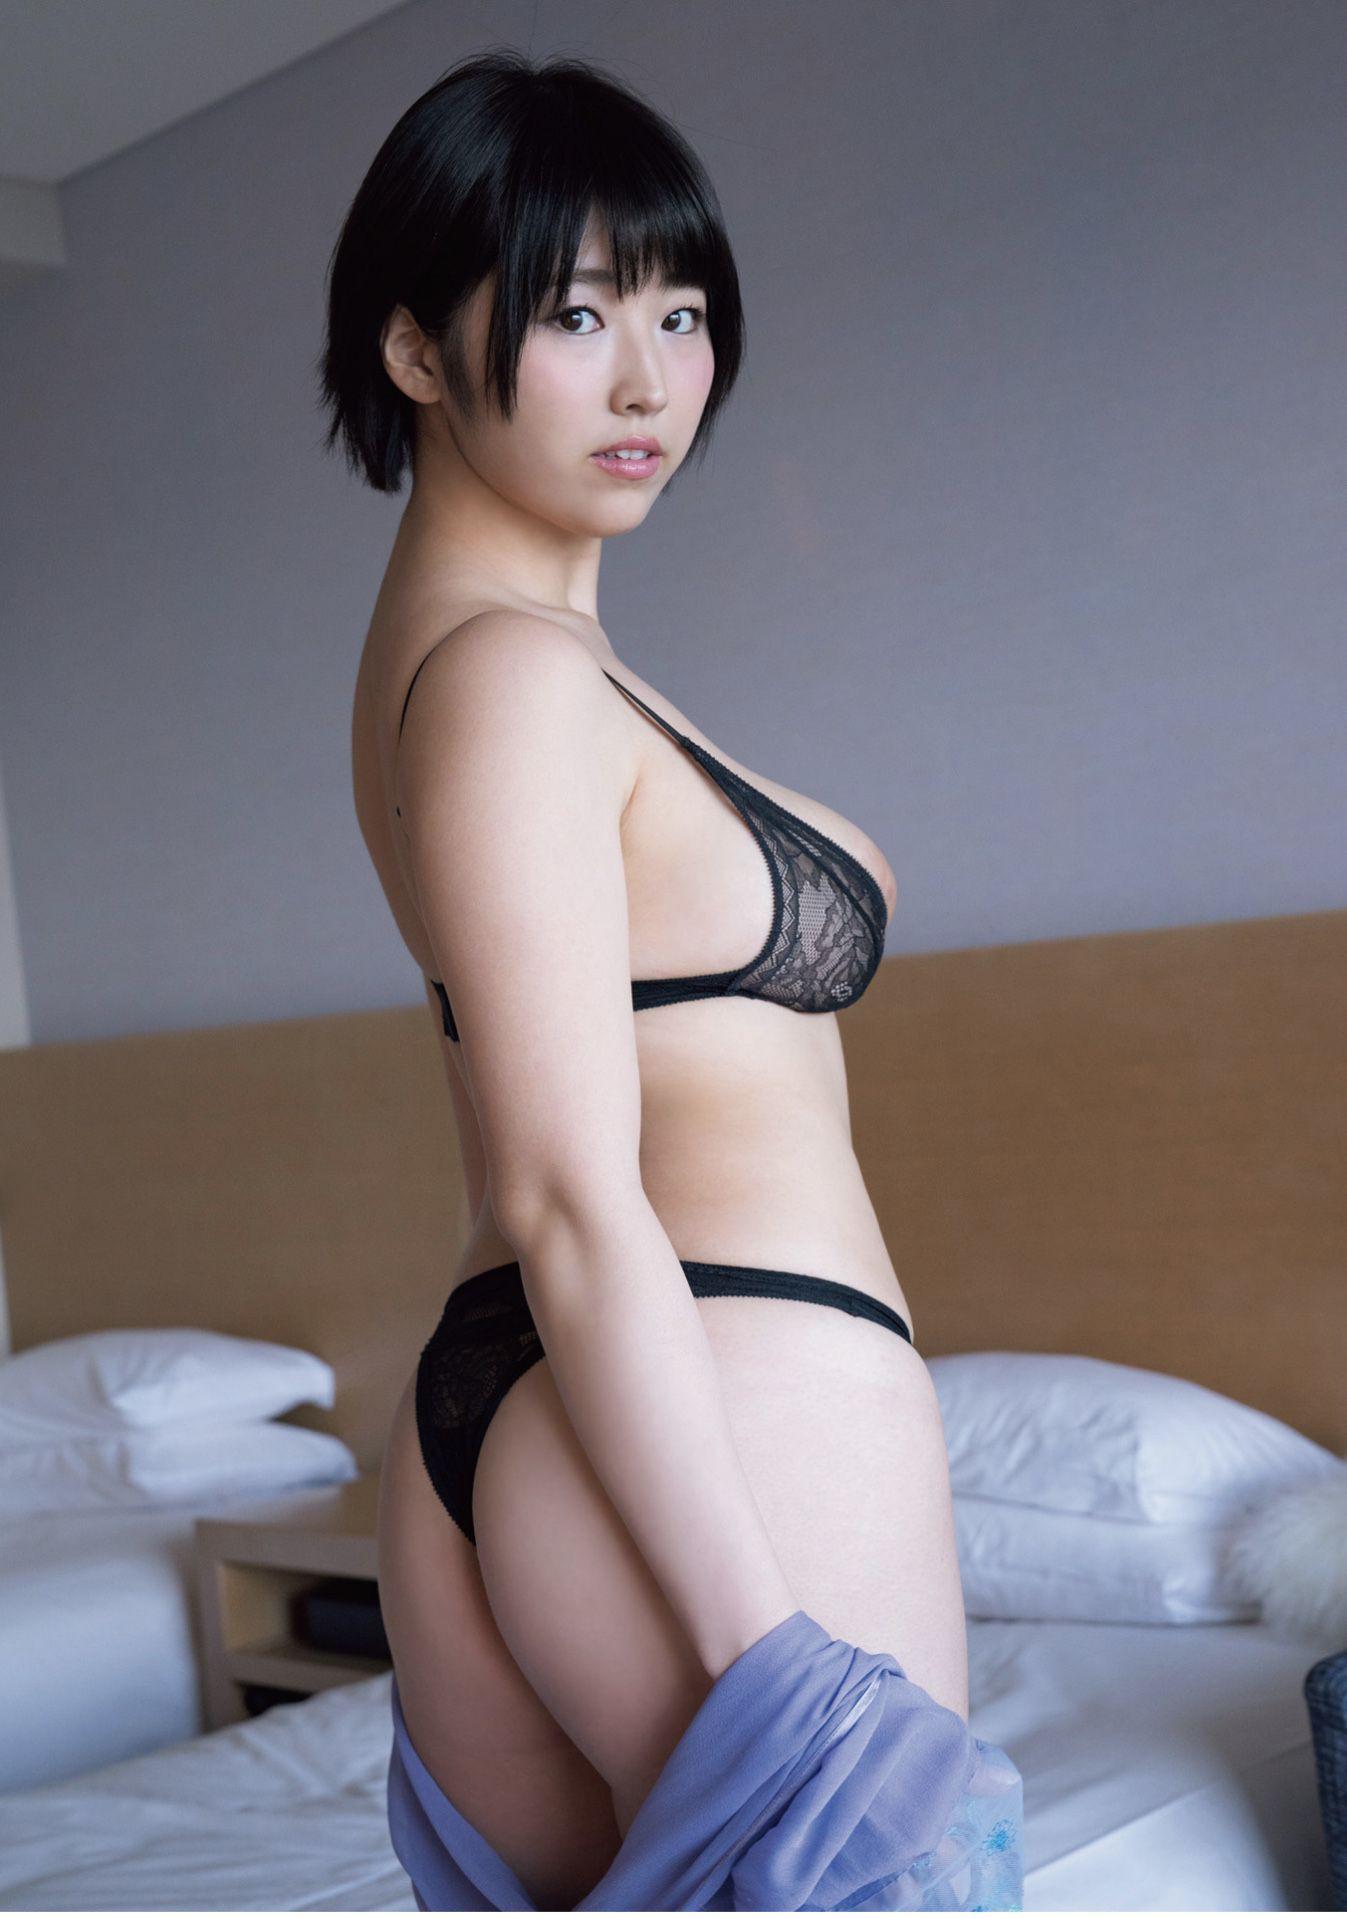 松本菜奈実 写真集「零れる」photo 061